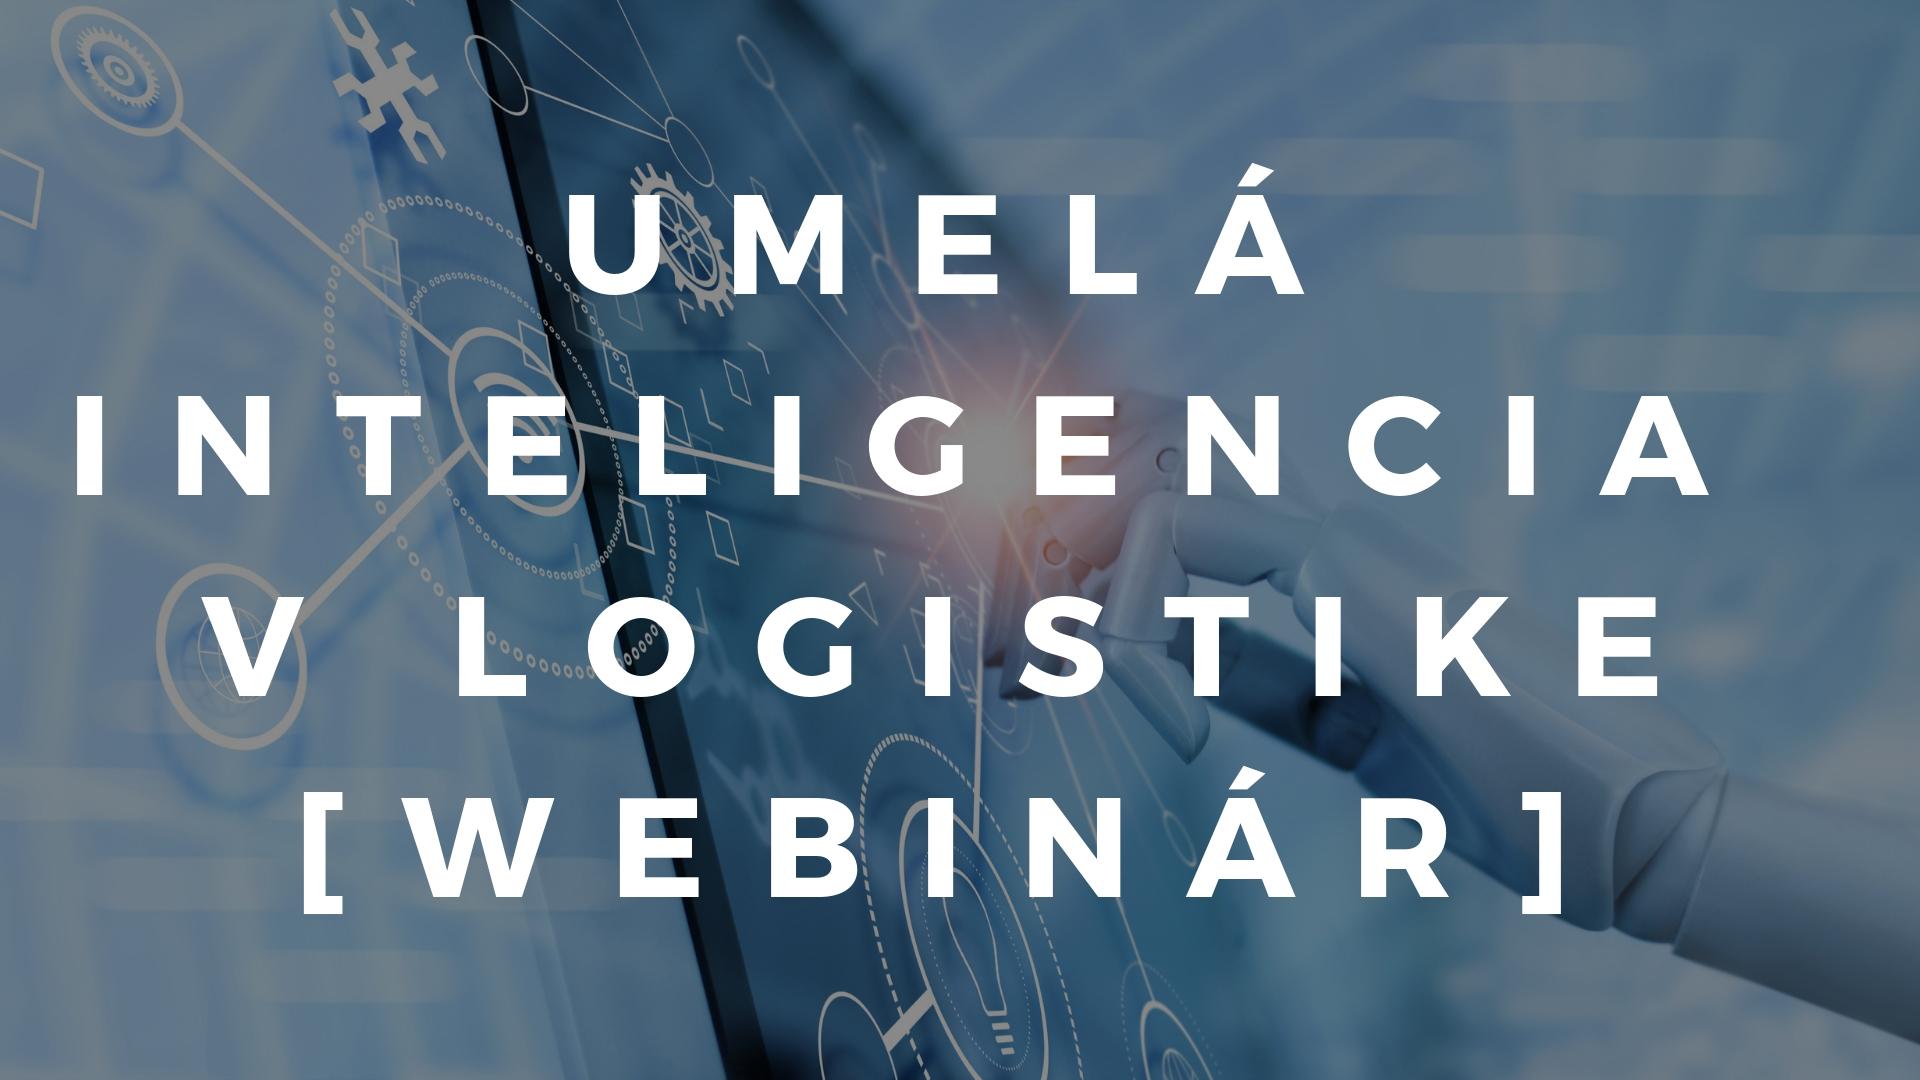 Umelá inteligencia AI v logistike webinár